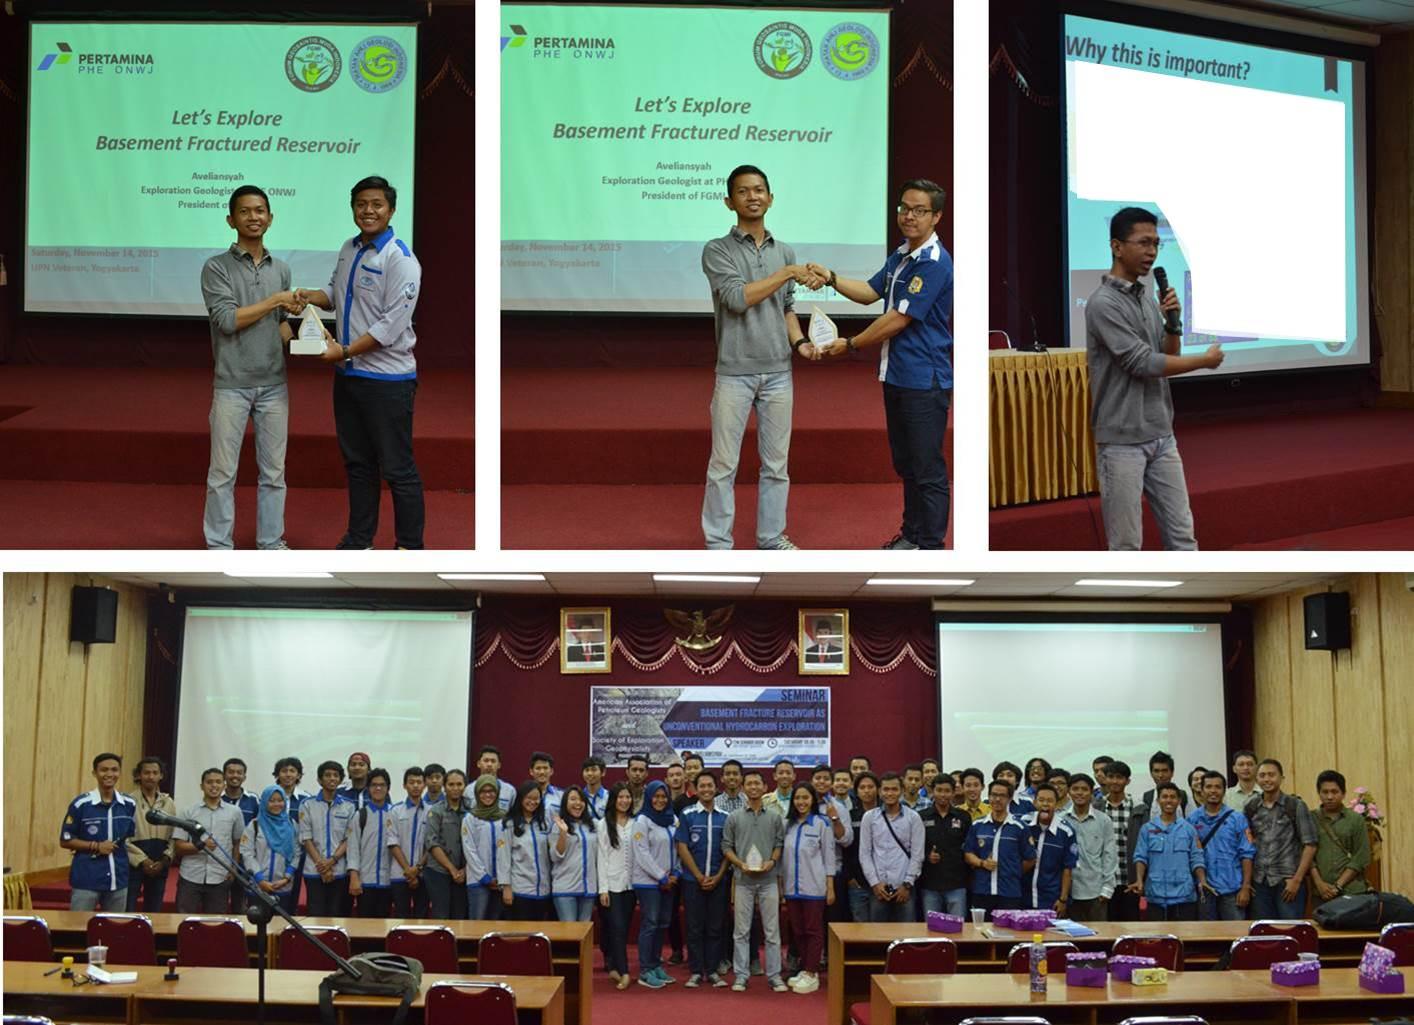 """Foto-foto kegiatan FGMi course tentang Fractured Basement Reservoir di UPN """"Veteran Yogyakarta"""